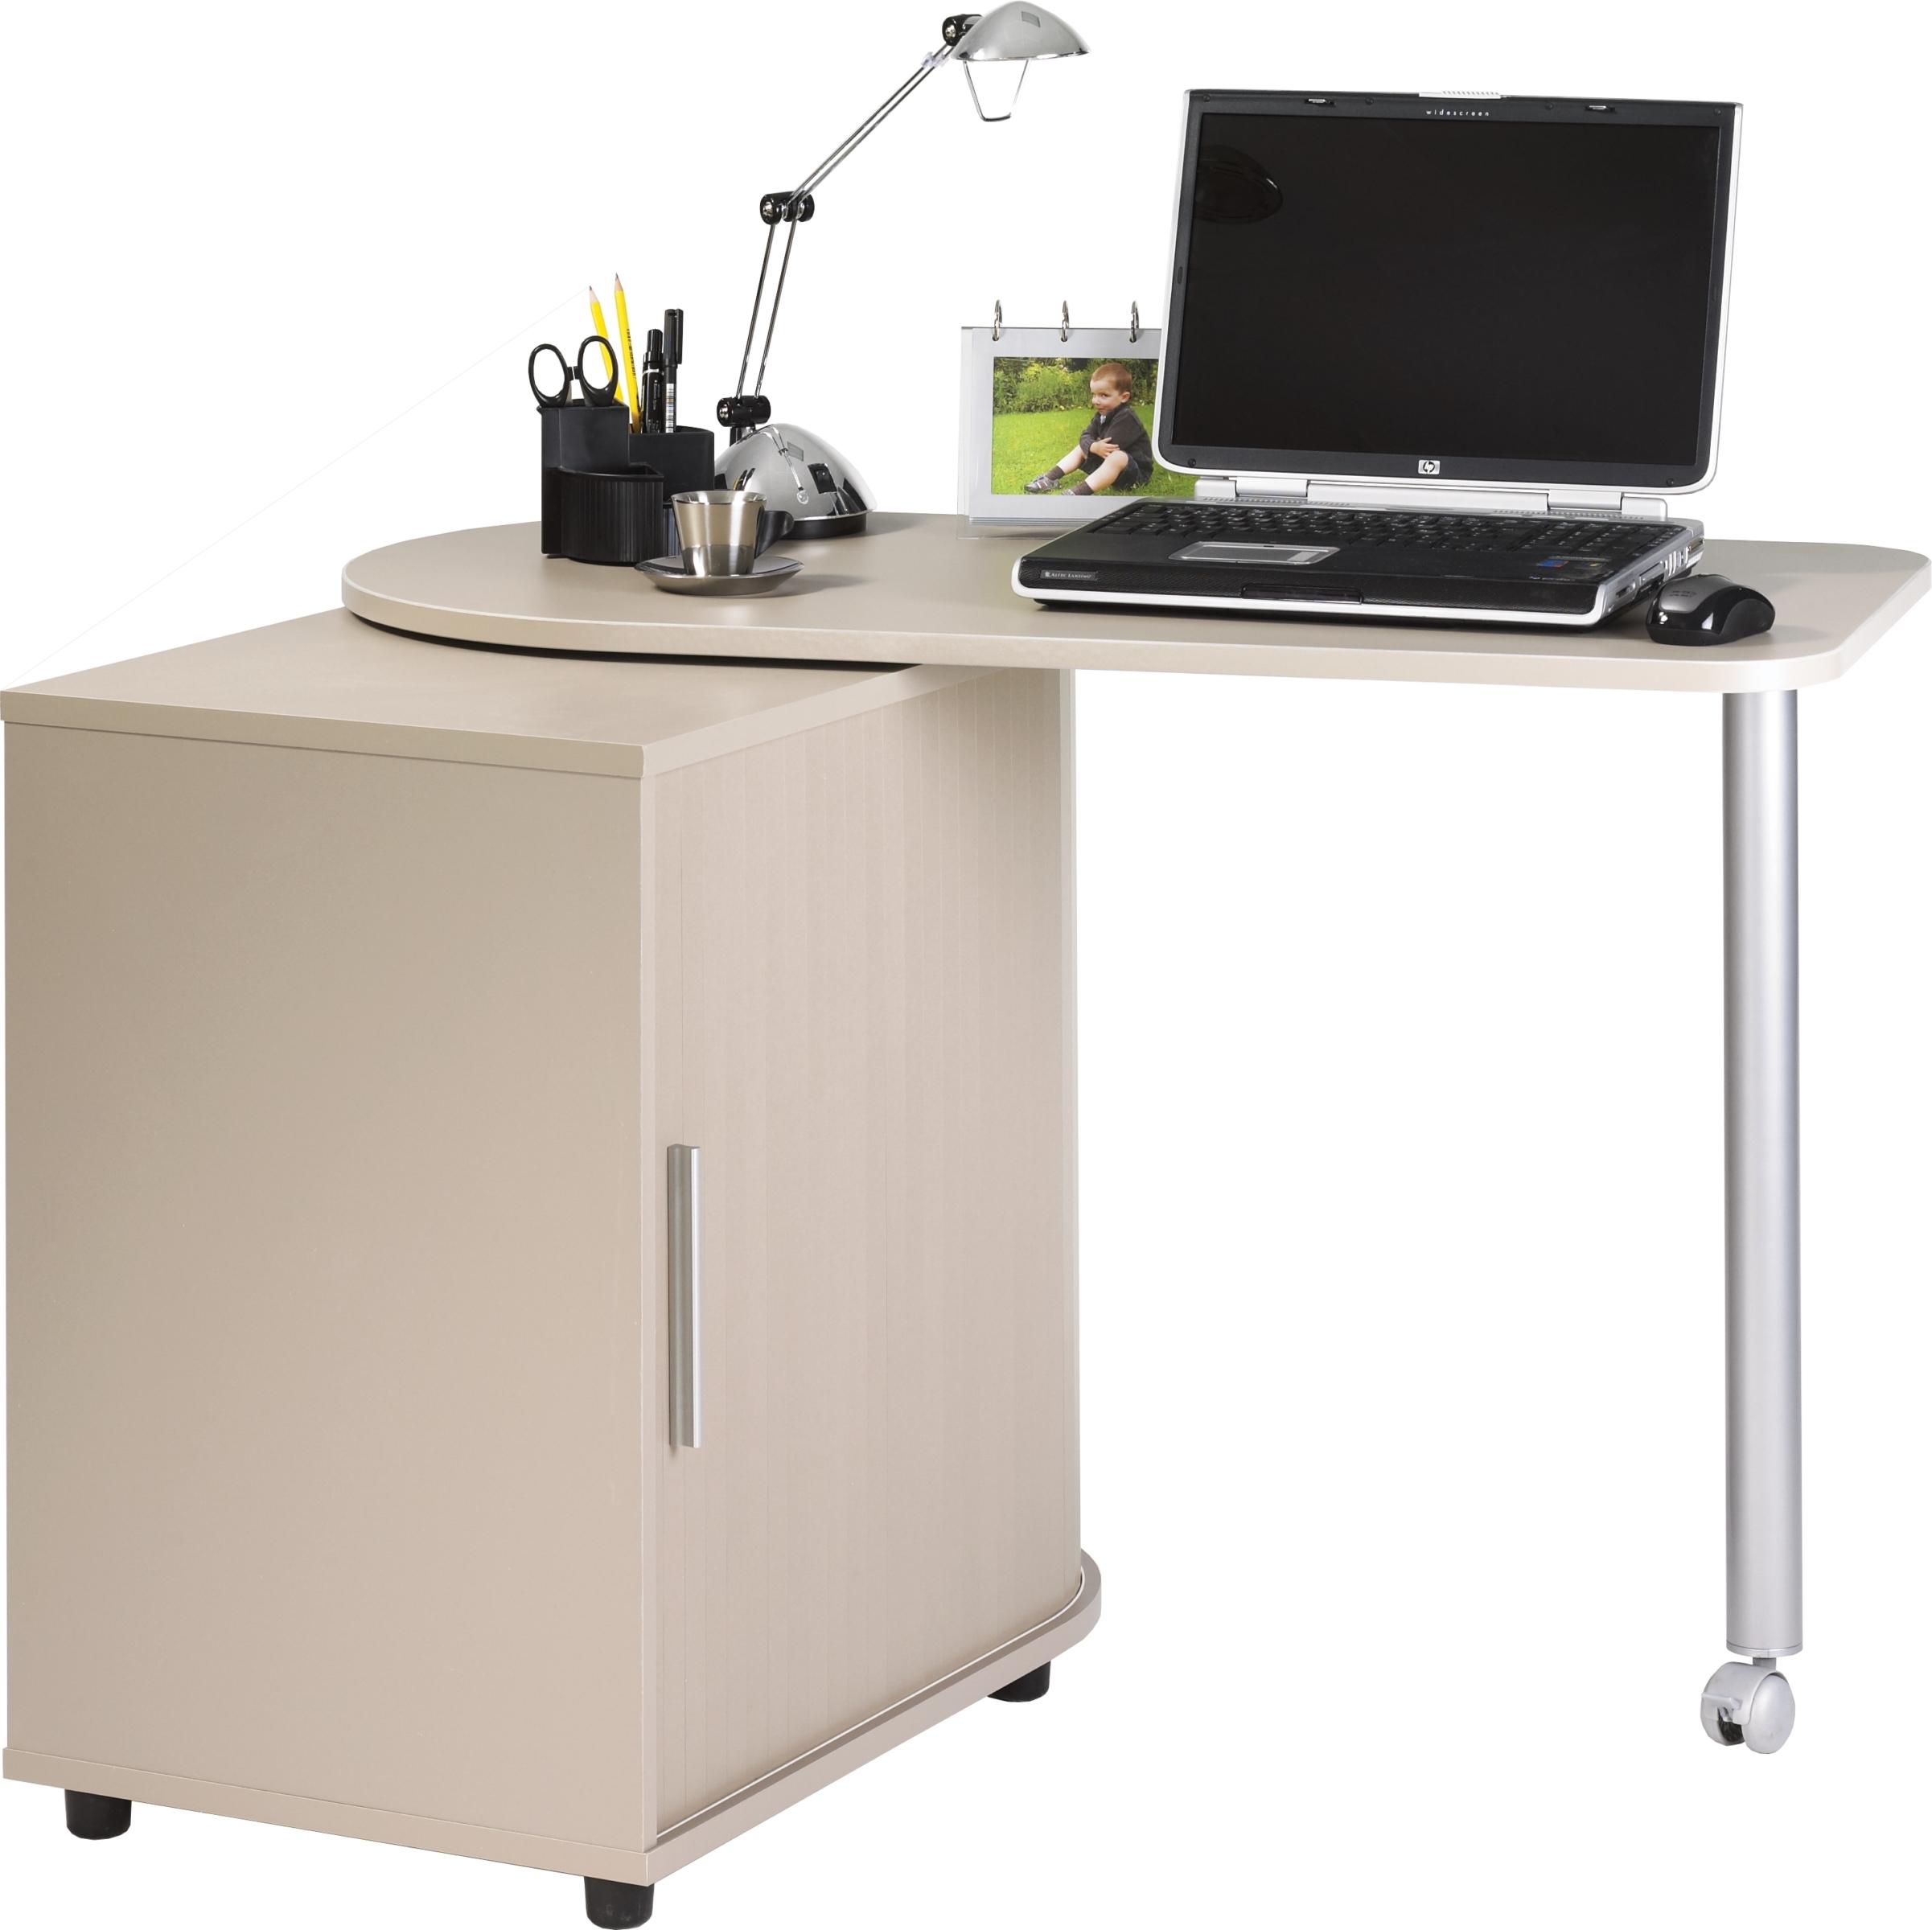 Fauteuil de bureau pivotant en bois - Bureau gris taupe ...